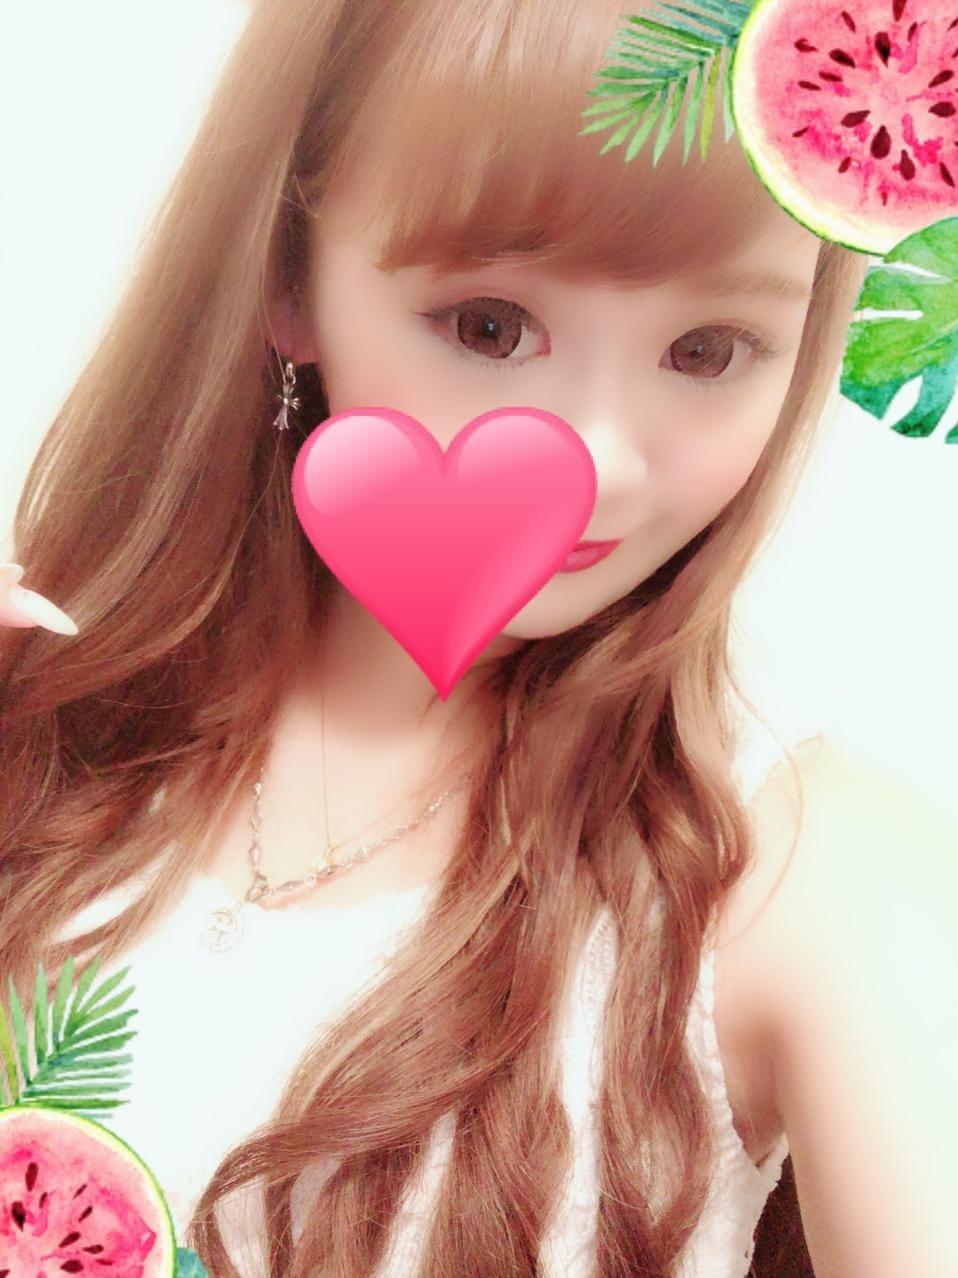 「こんばんわ?」10/12(10/12) 18:08   りんりんの写メ・風俗動画